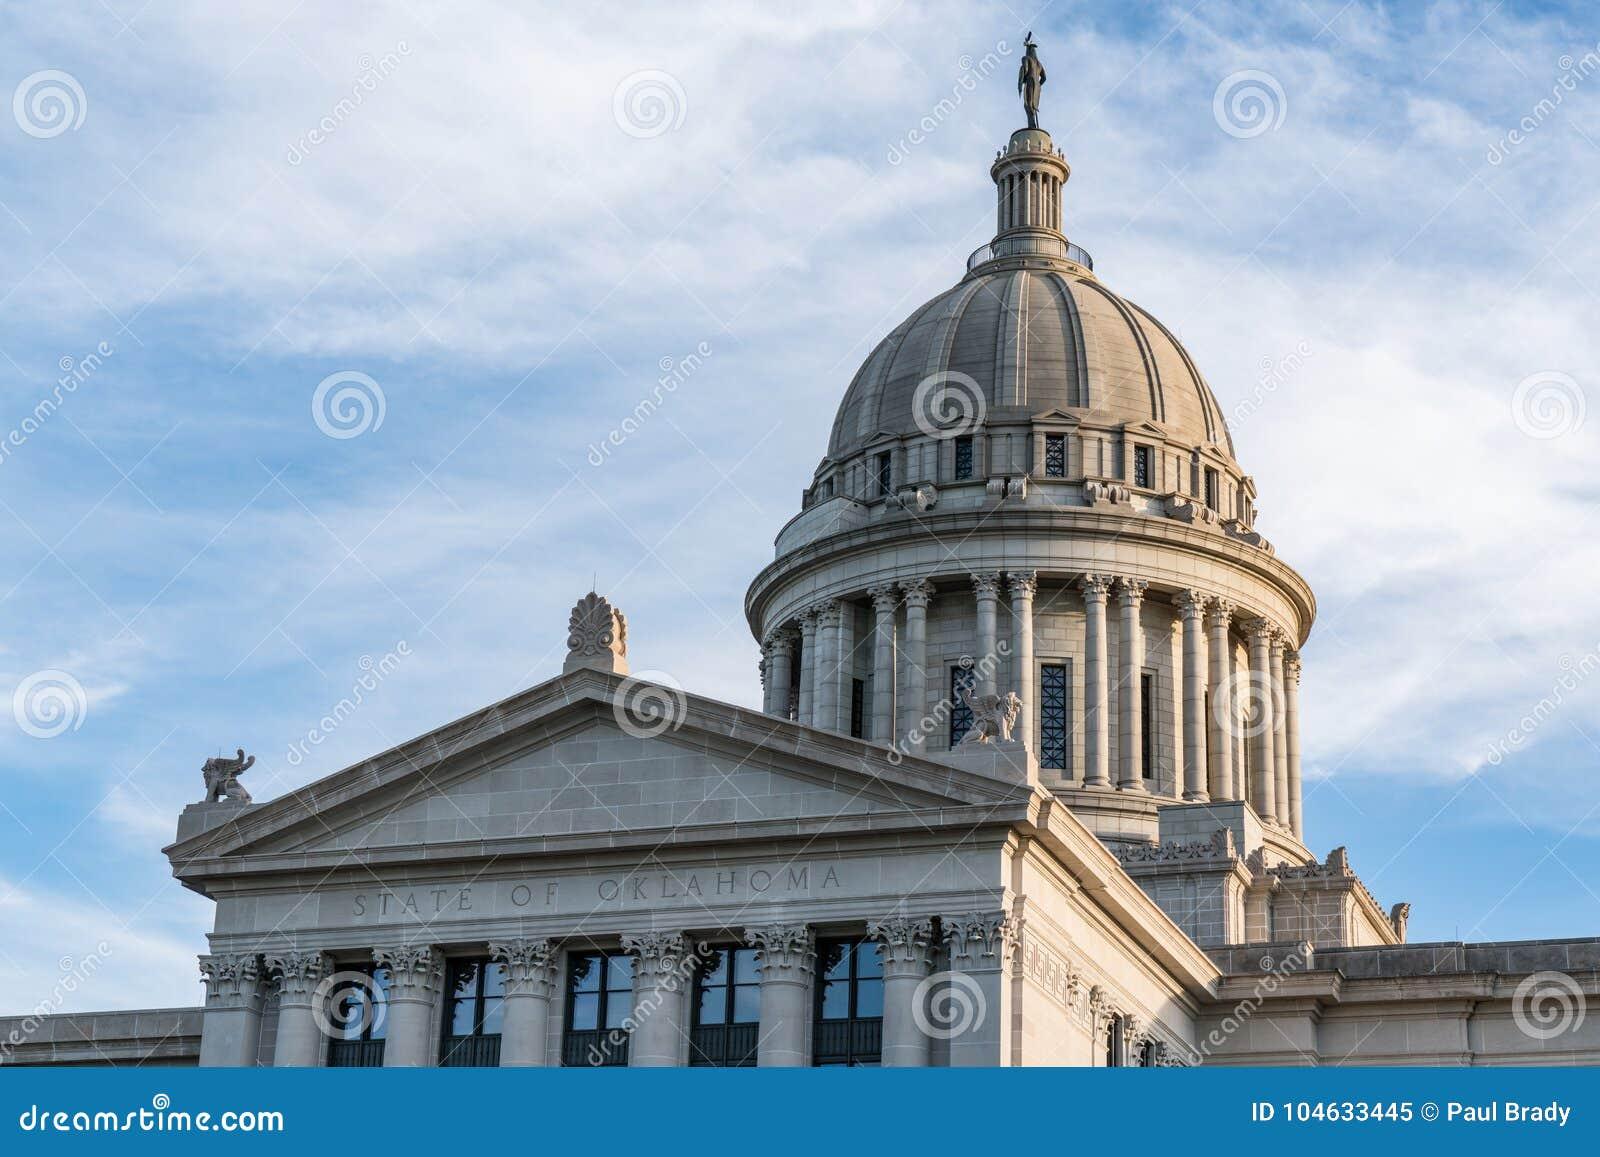 Download De Hoofdbouw Van De Staat Van Oklahoma Stock Afbeelding - Afbeelding bestaande uit architectuur, politiek: 104633445